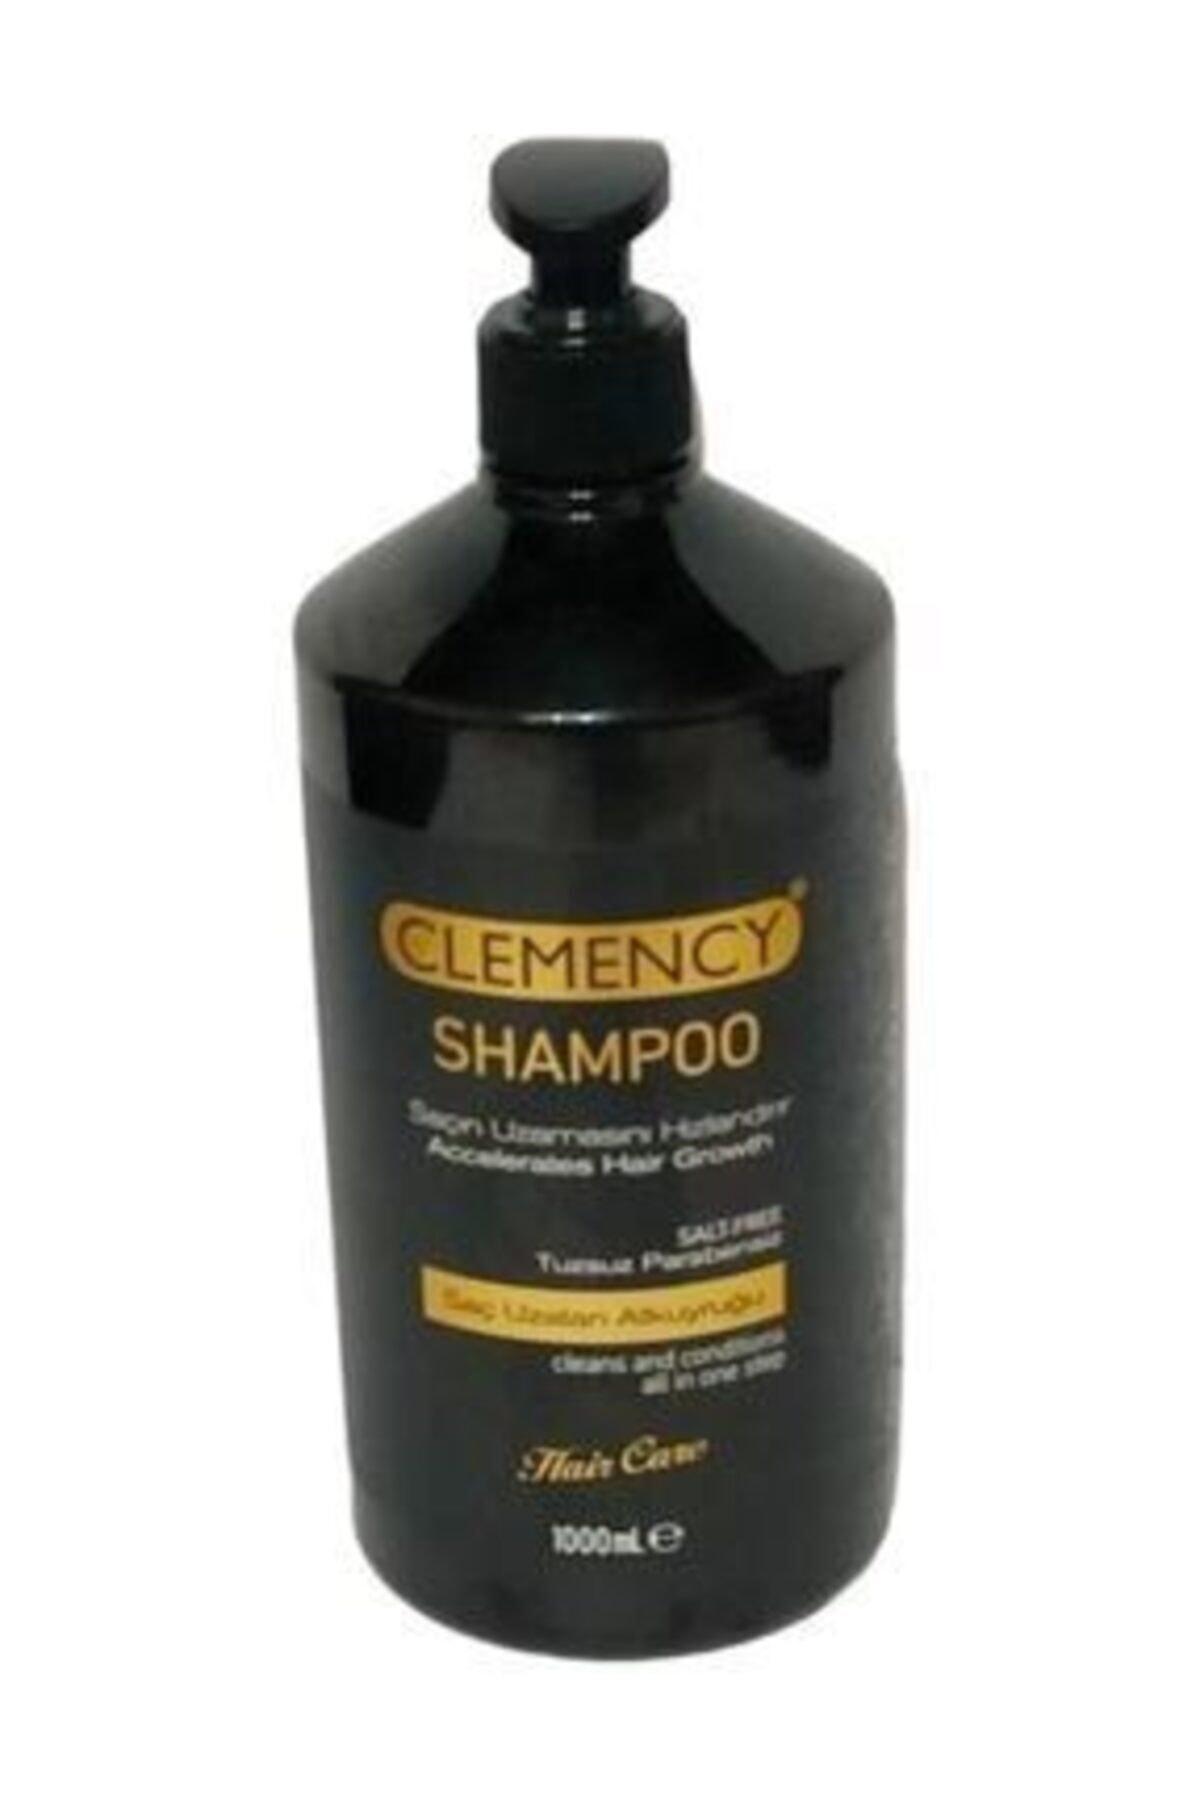 Saç Uzatan Atkuyruğu Tuzsuz Parabensiz Şampuan 1000 ml